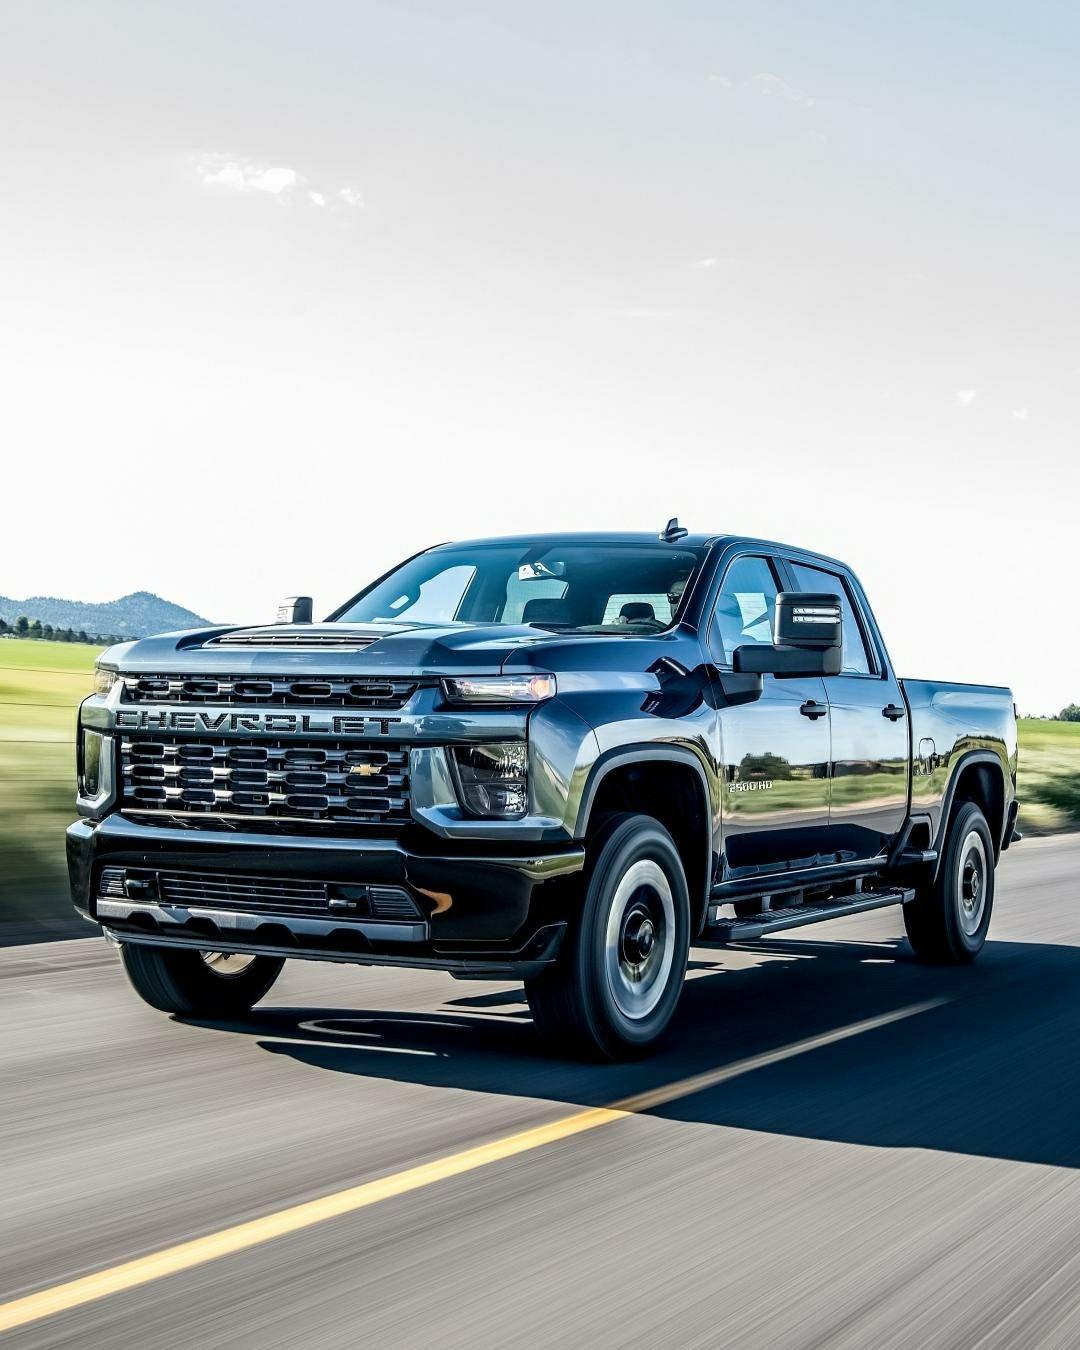 2020 Chevy Silverado on highway